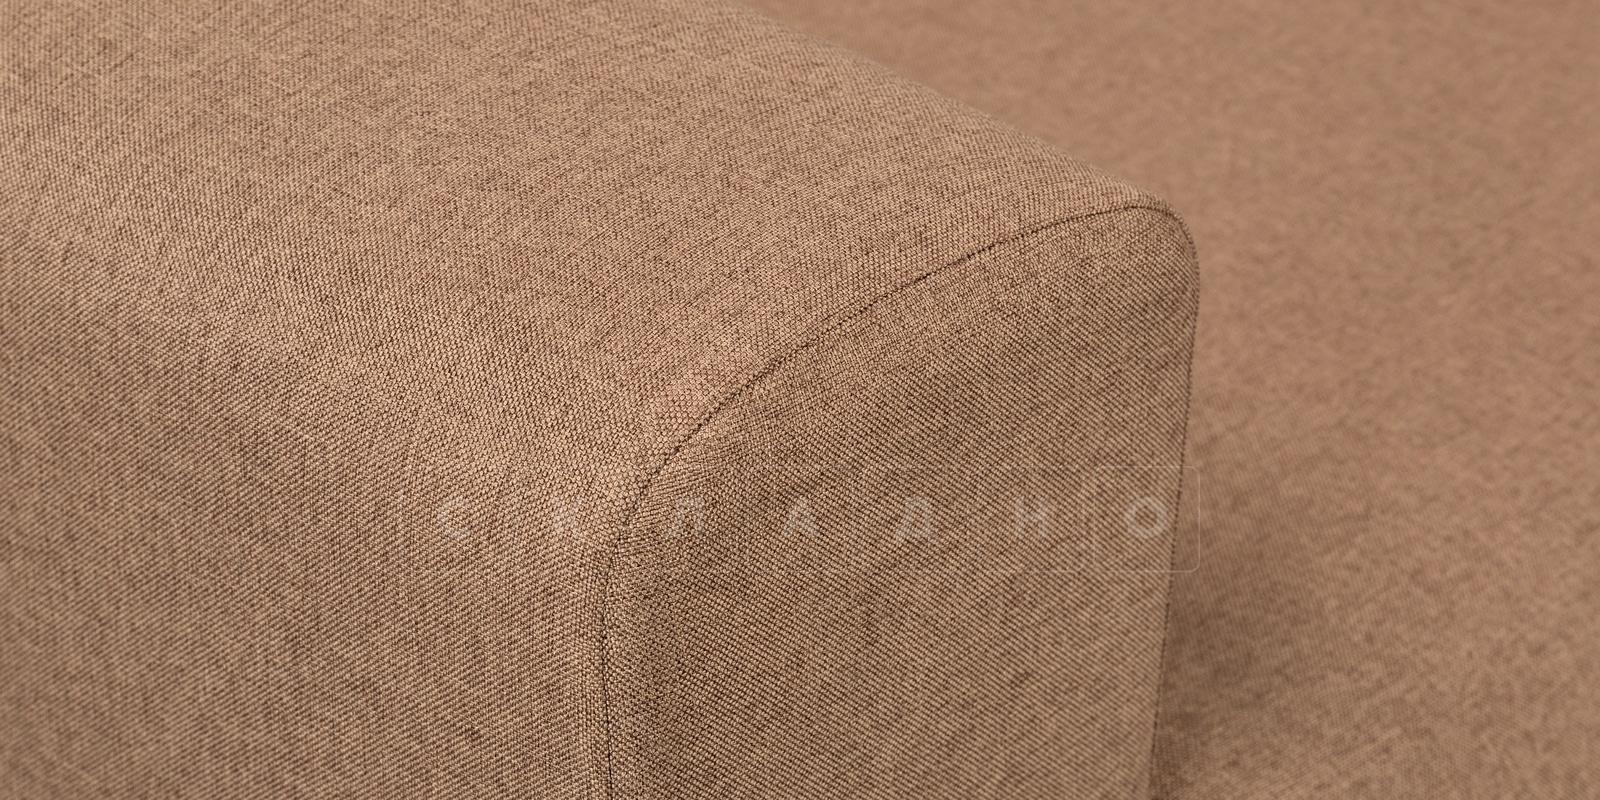 Кресло Медисон 100см коричневого цвета фото 6 | интернет-магазин Складно